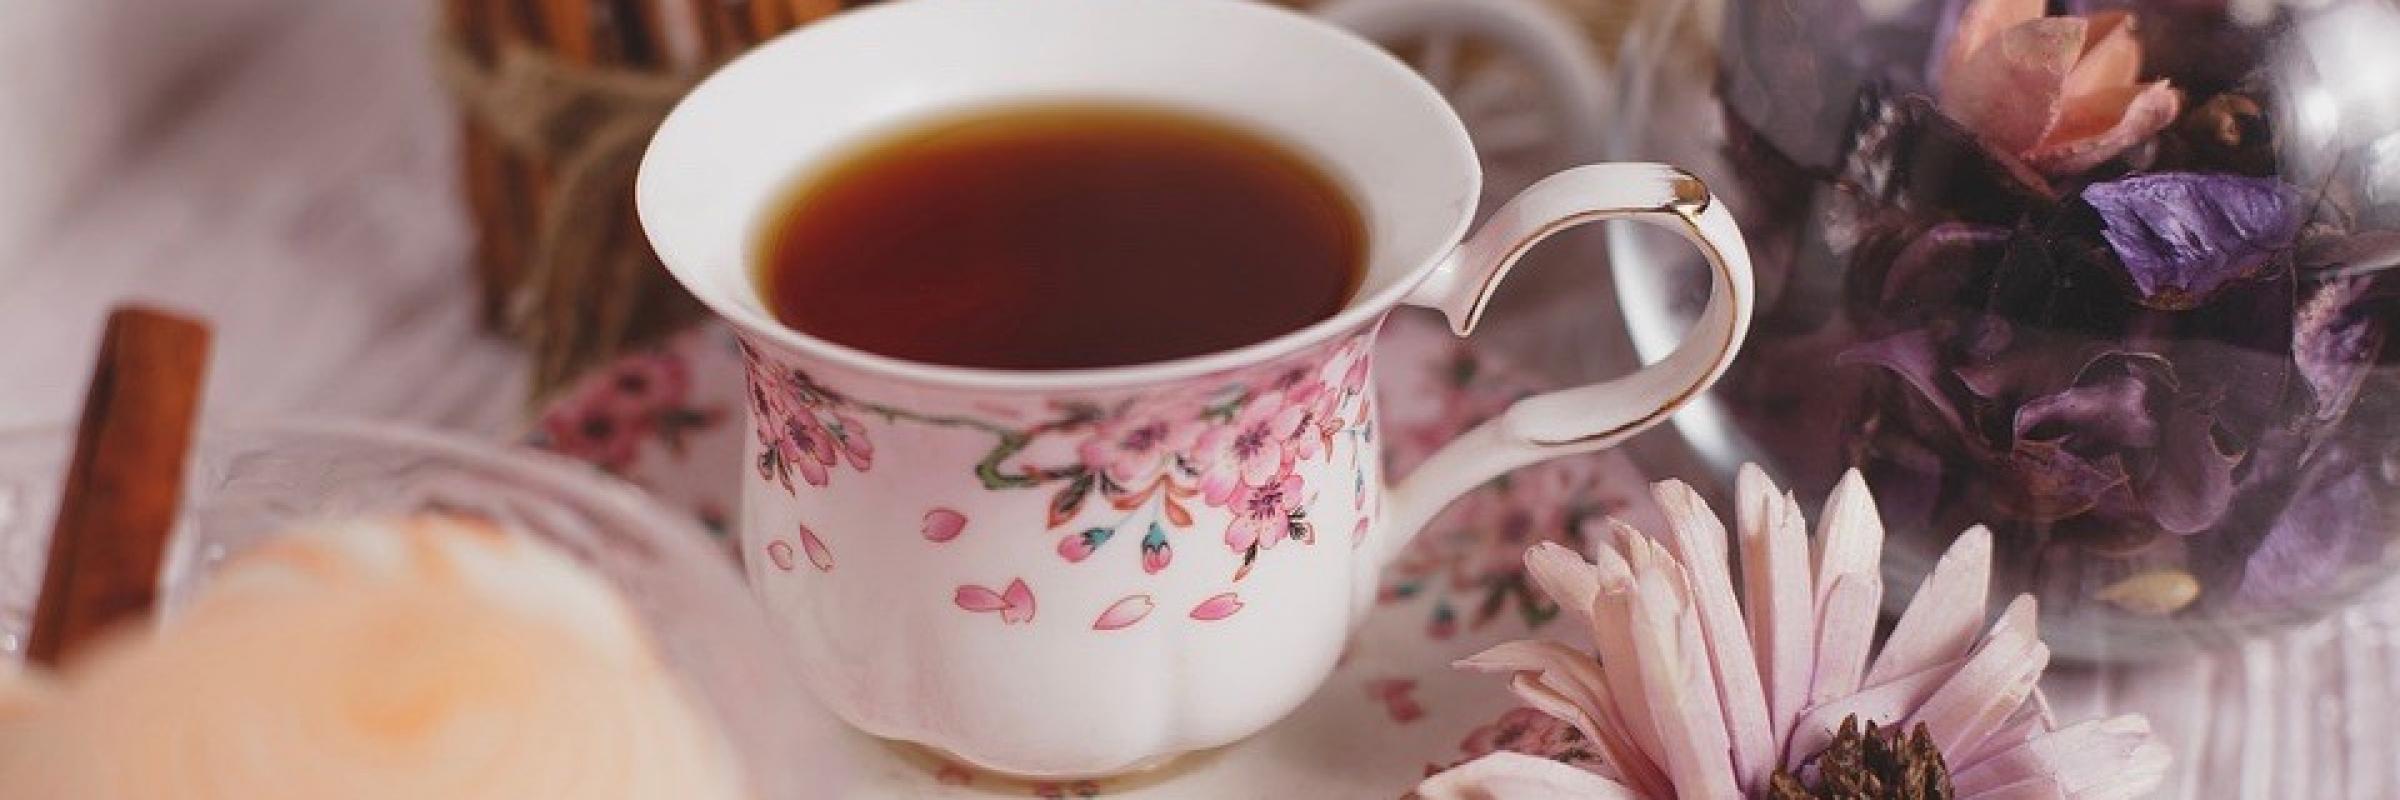 tea-cinanmon